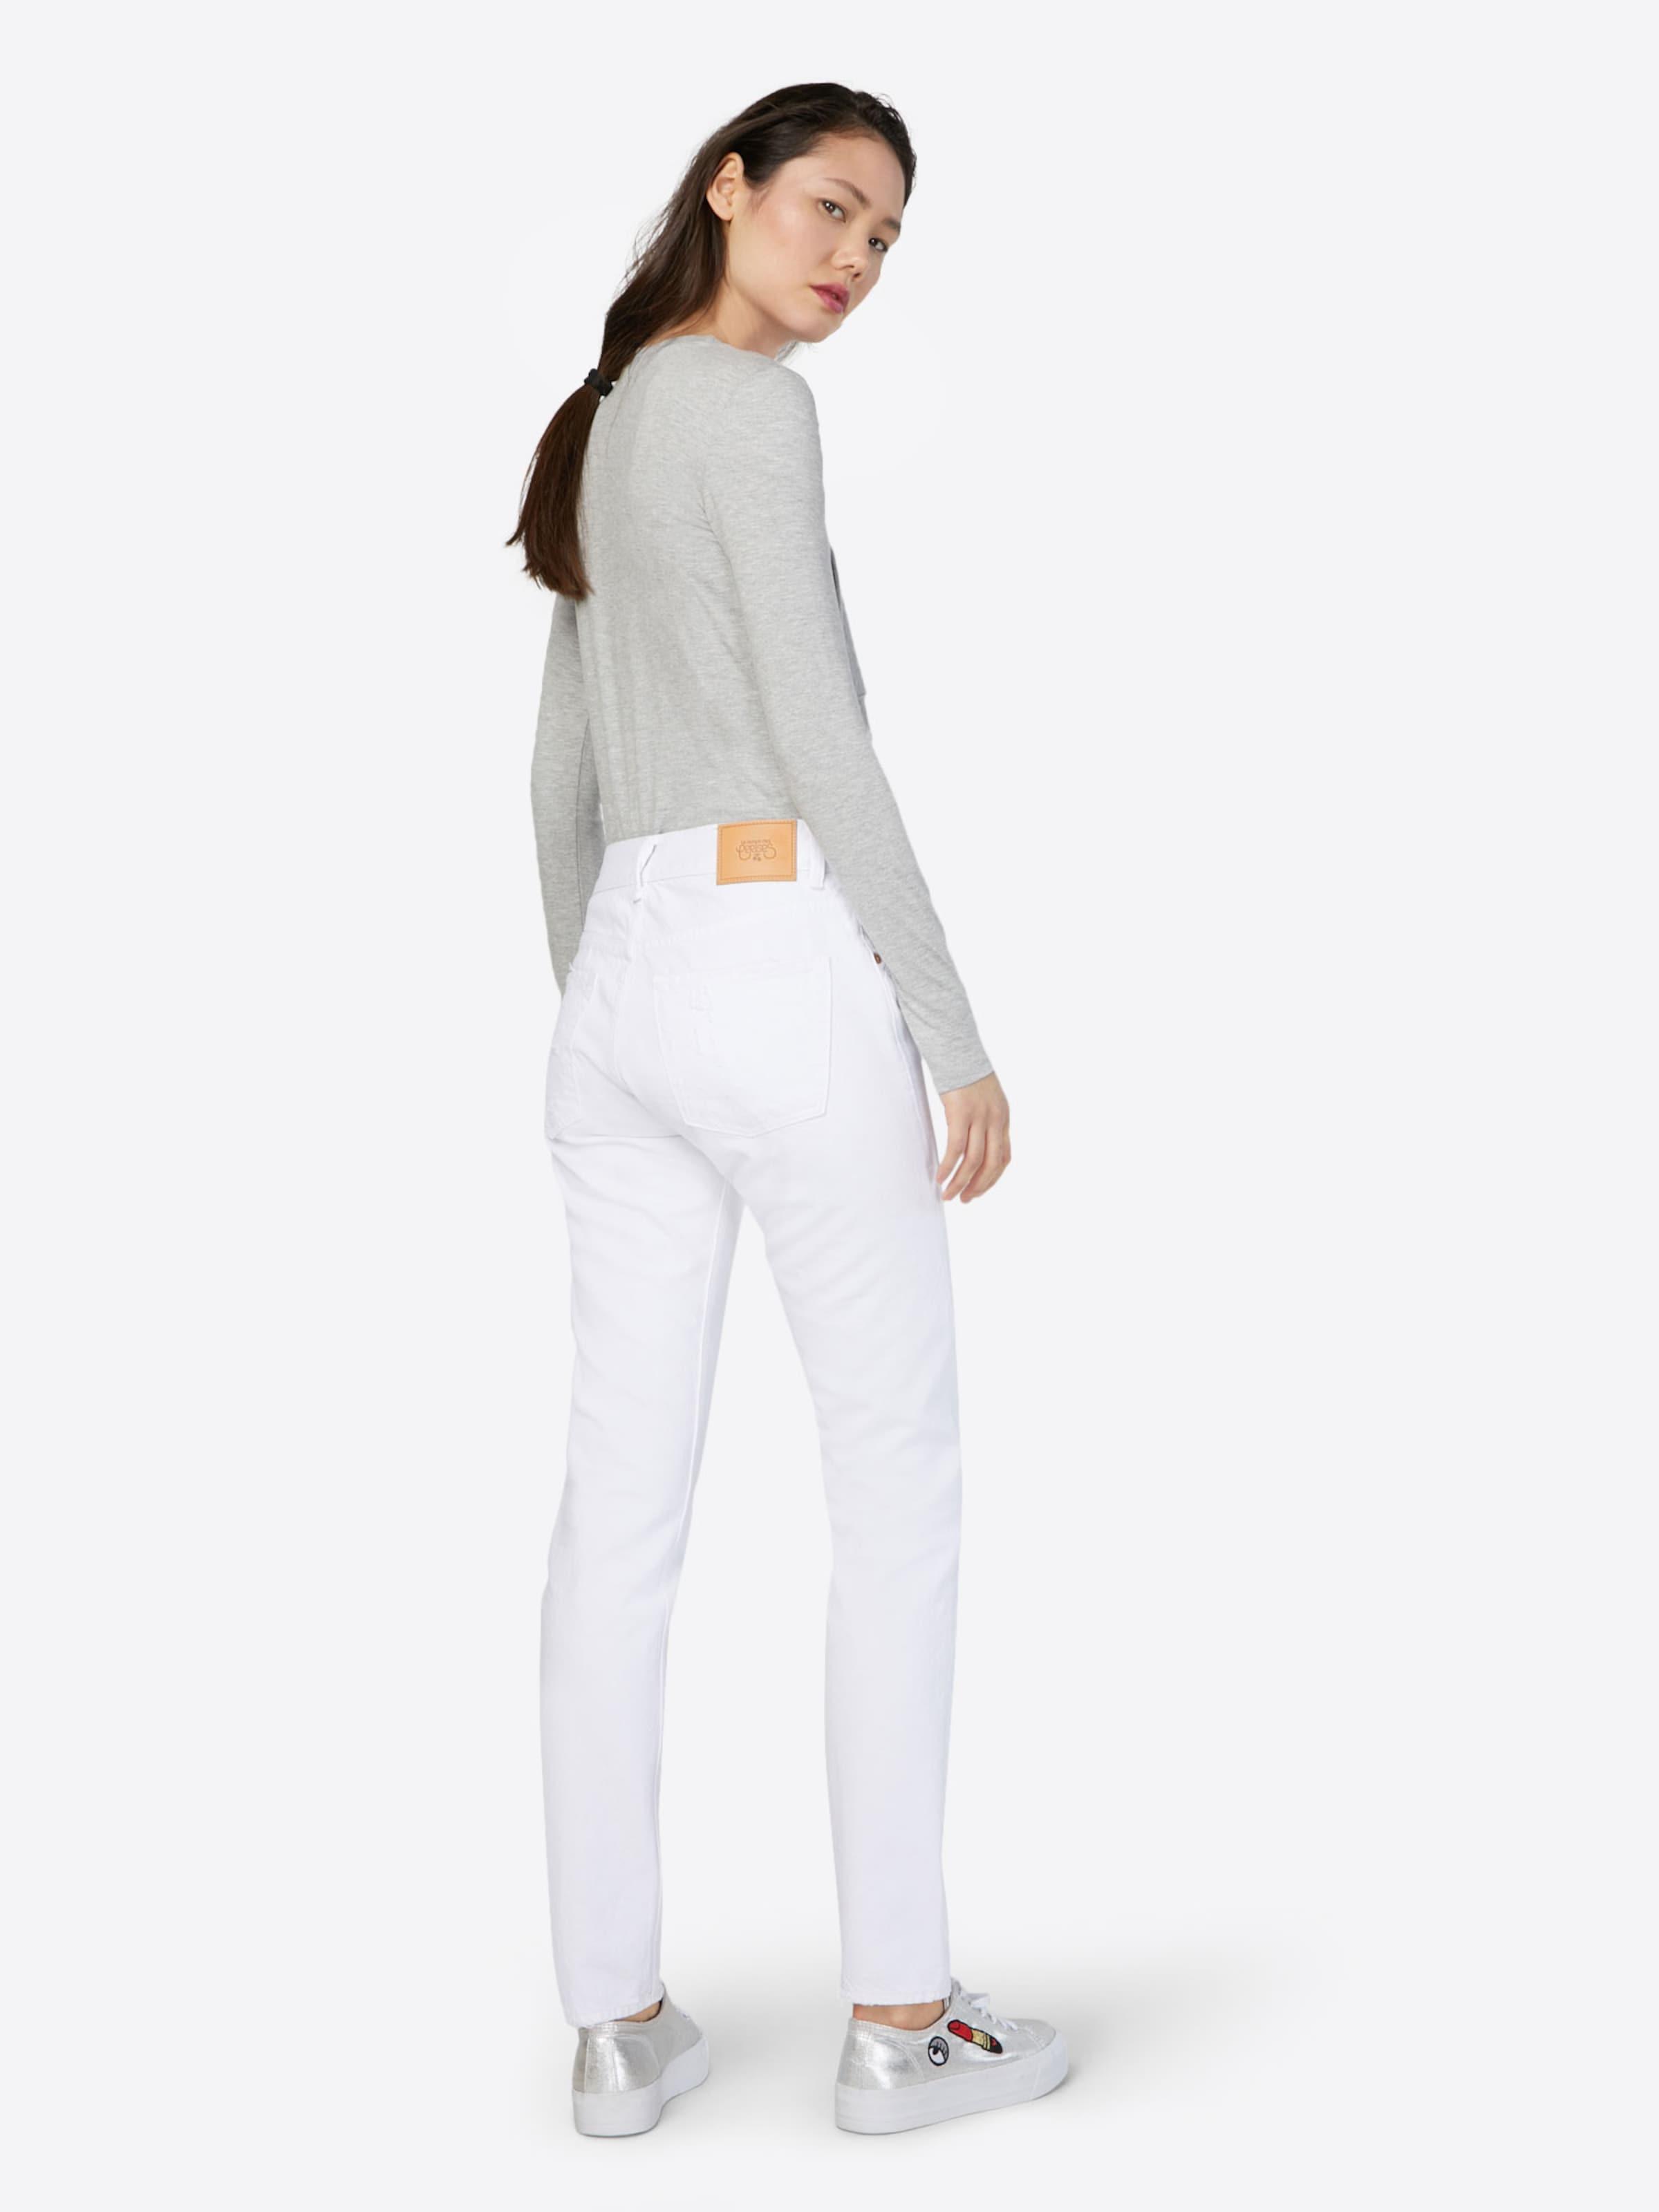 Le Temps Des Cerises Slimfit Jeans '500/16' Die Kostenlose Versand Hochwertiger Billig Verkauf Für Billig dks0Zv7fhW